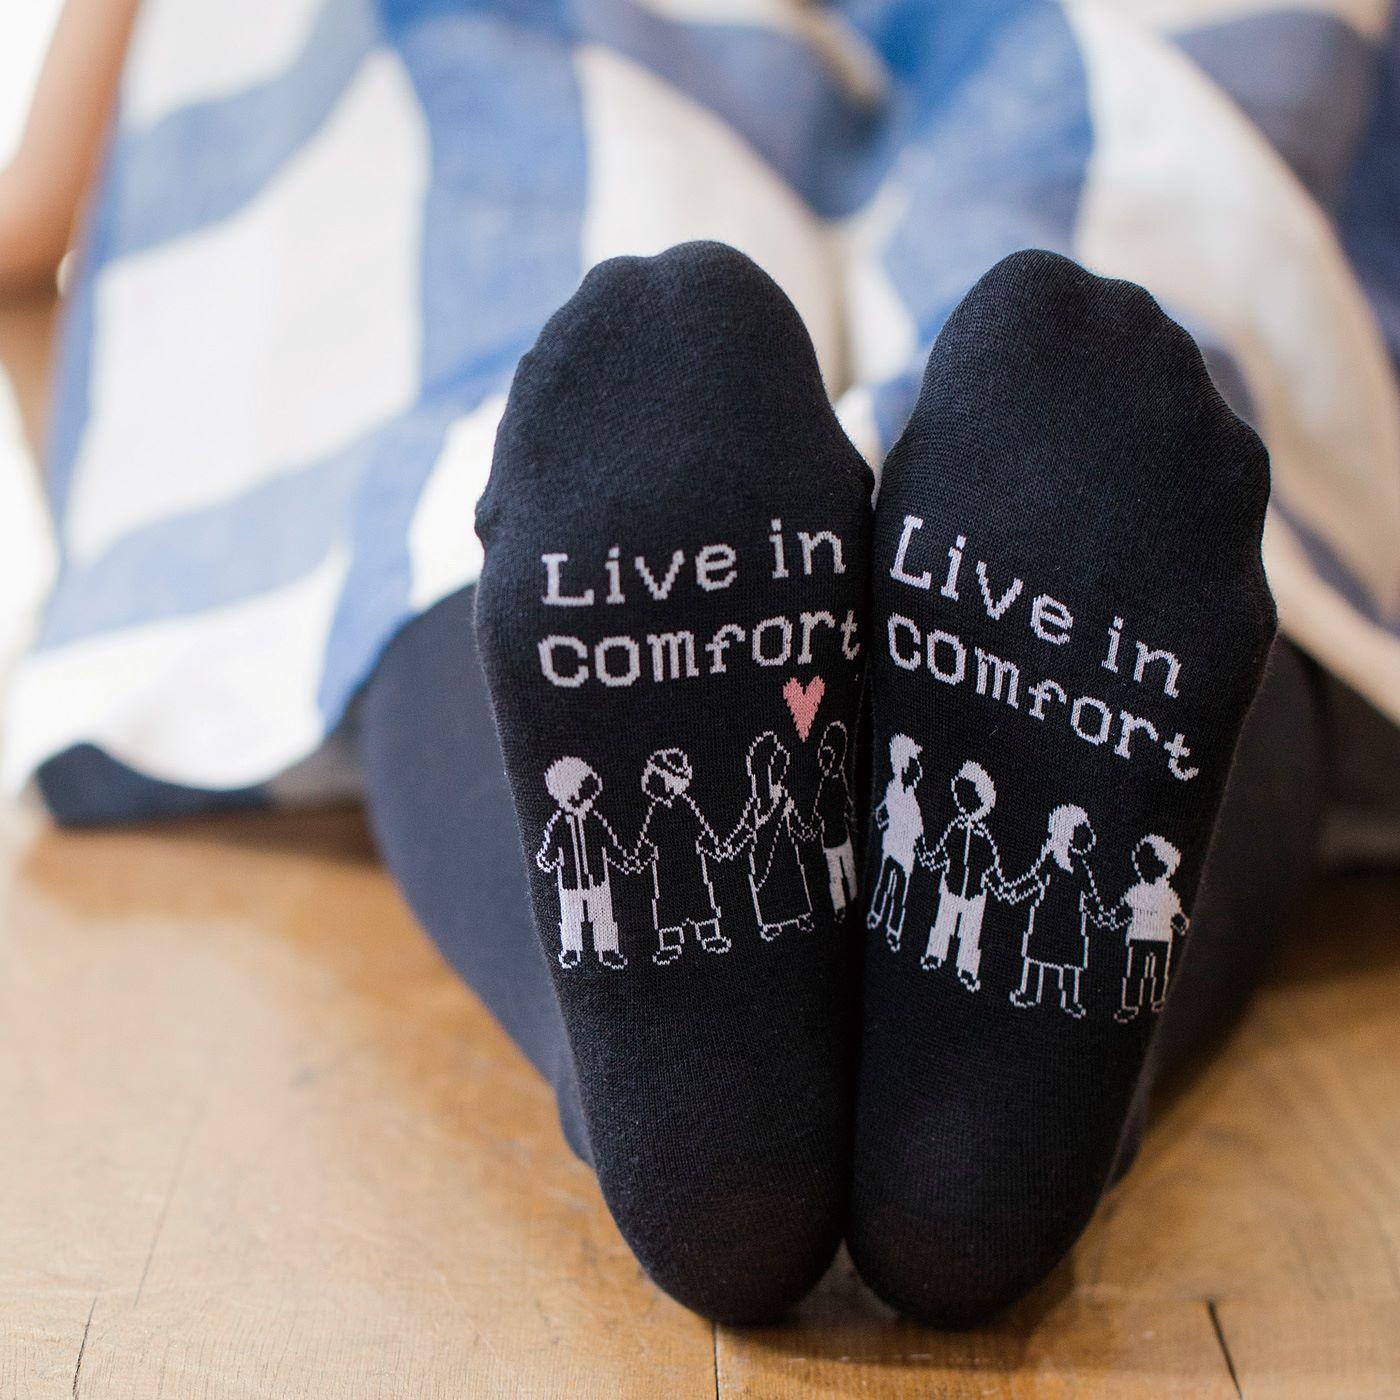 ジャカード編みのオリジナルデザイン。両足の裏側をくっつけると、みんなが手をつなぎます。ピンクのハートがかわいいポイント。